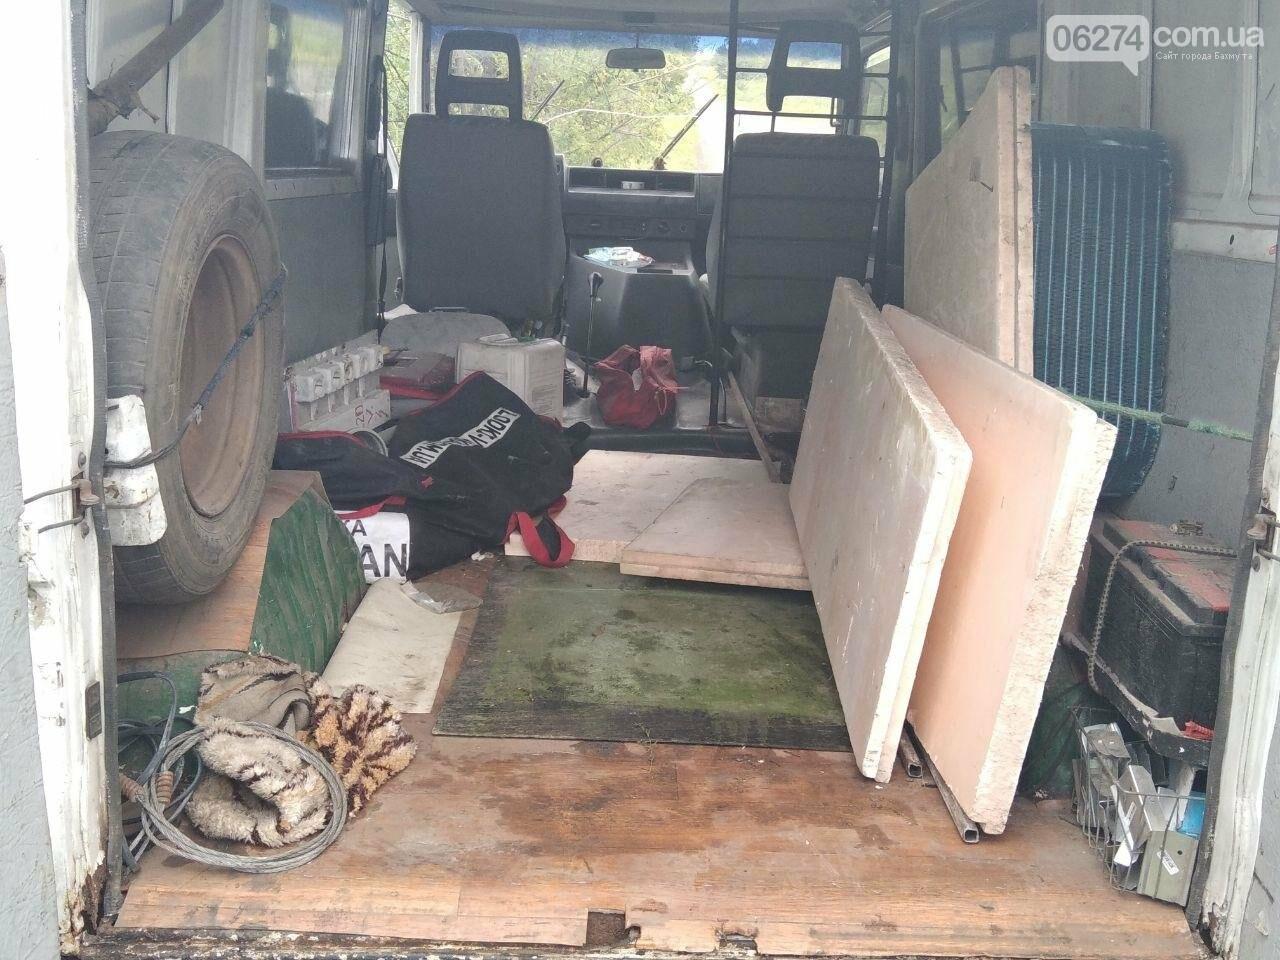 Двух жителей Бахмута задержали при попытке обокрасть чужой дом, фото-1